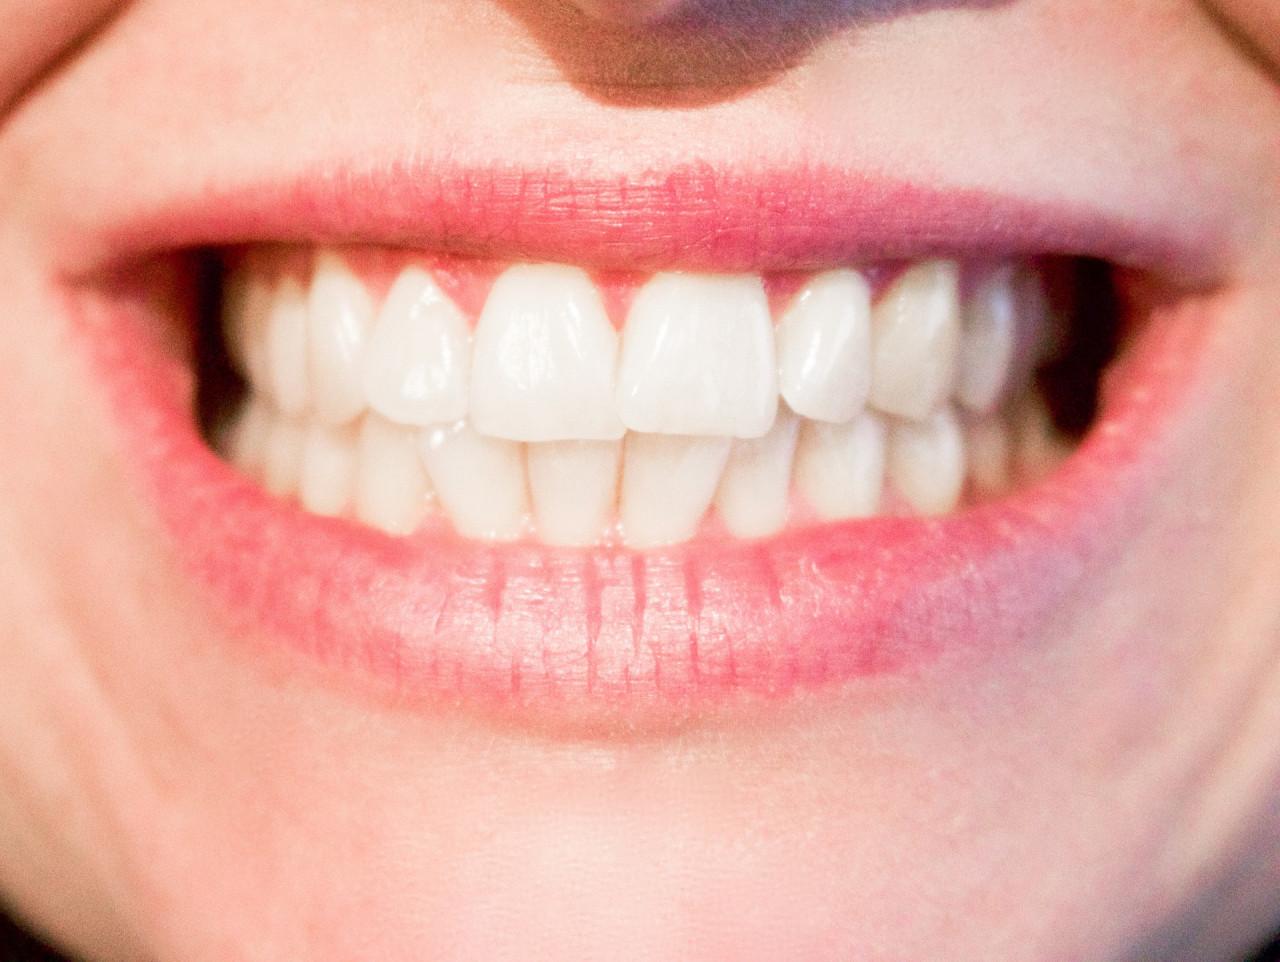 teeth-1652976_1920-1